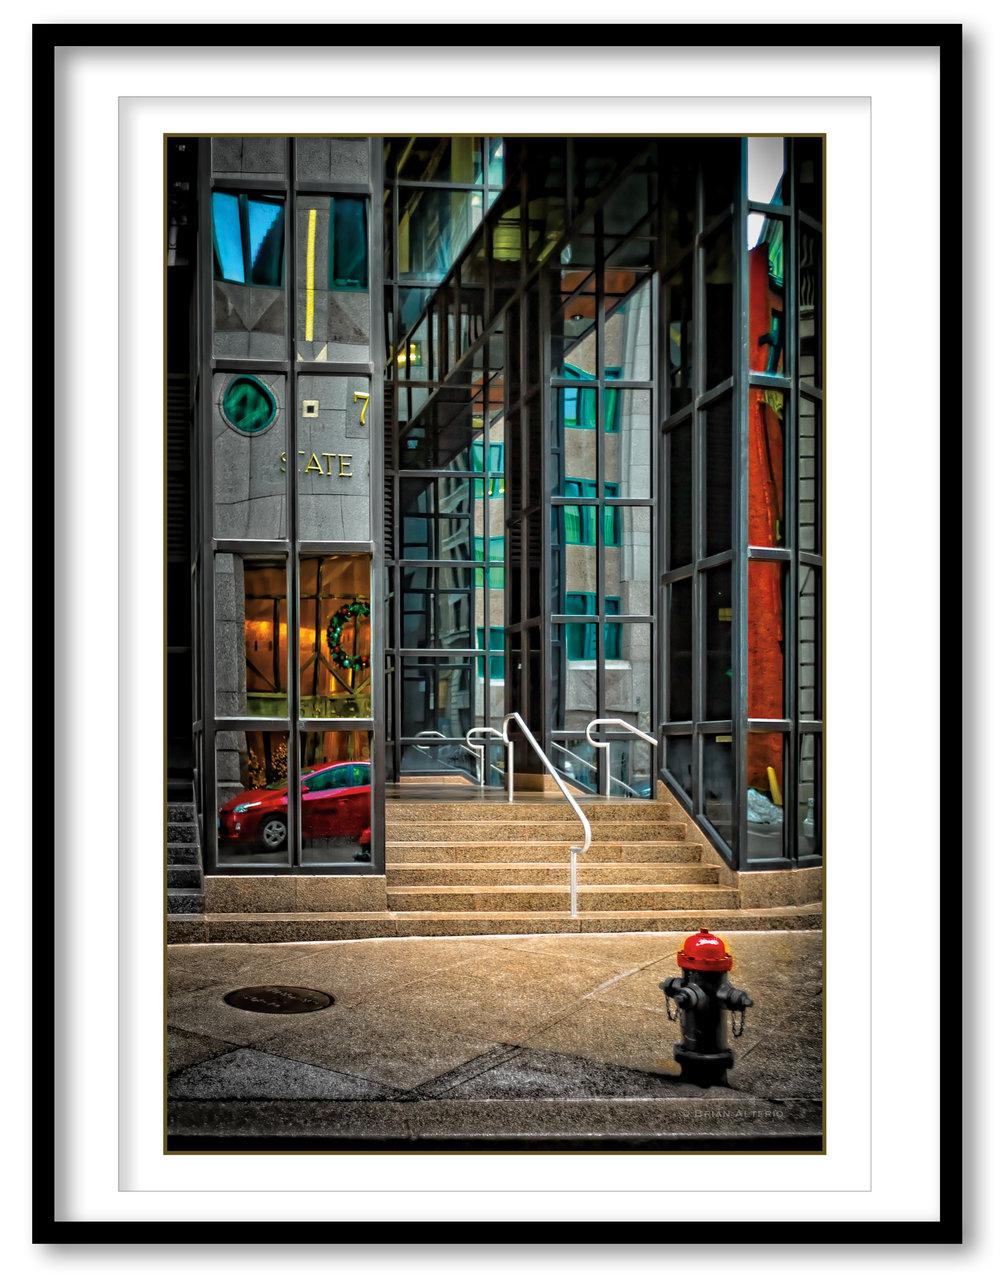 State Street, Boston #3 - 12.19.16- Framed.jpg